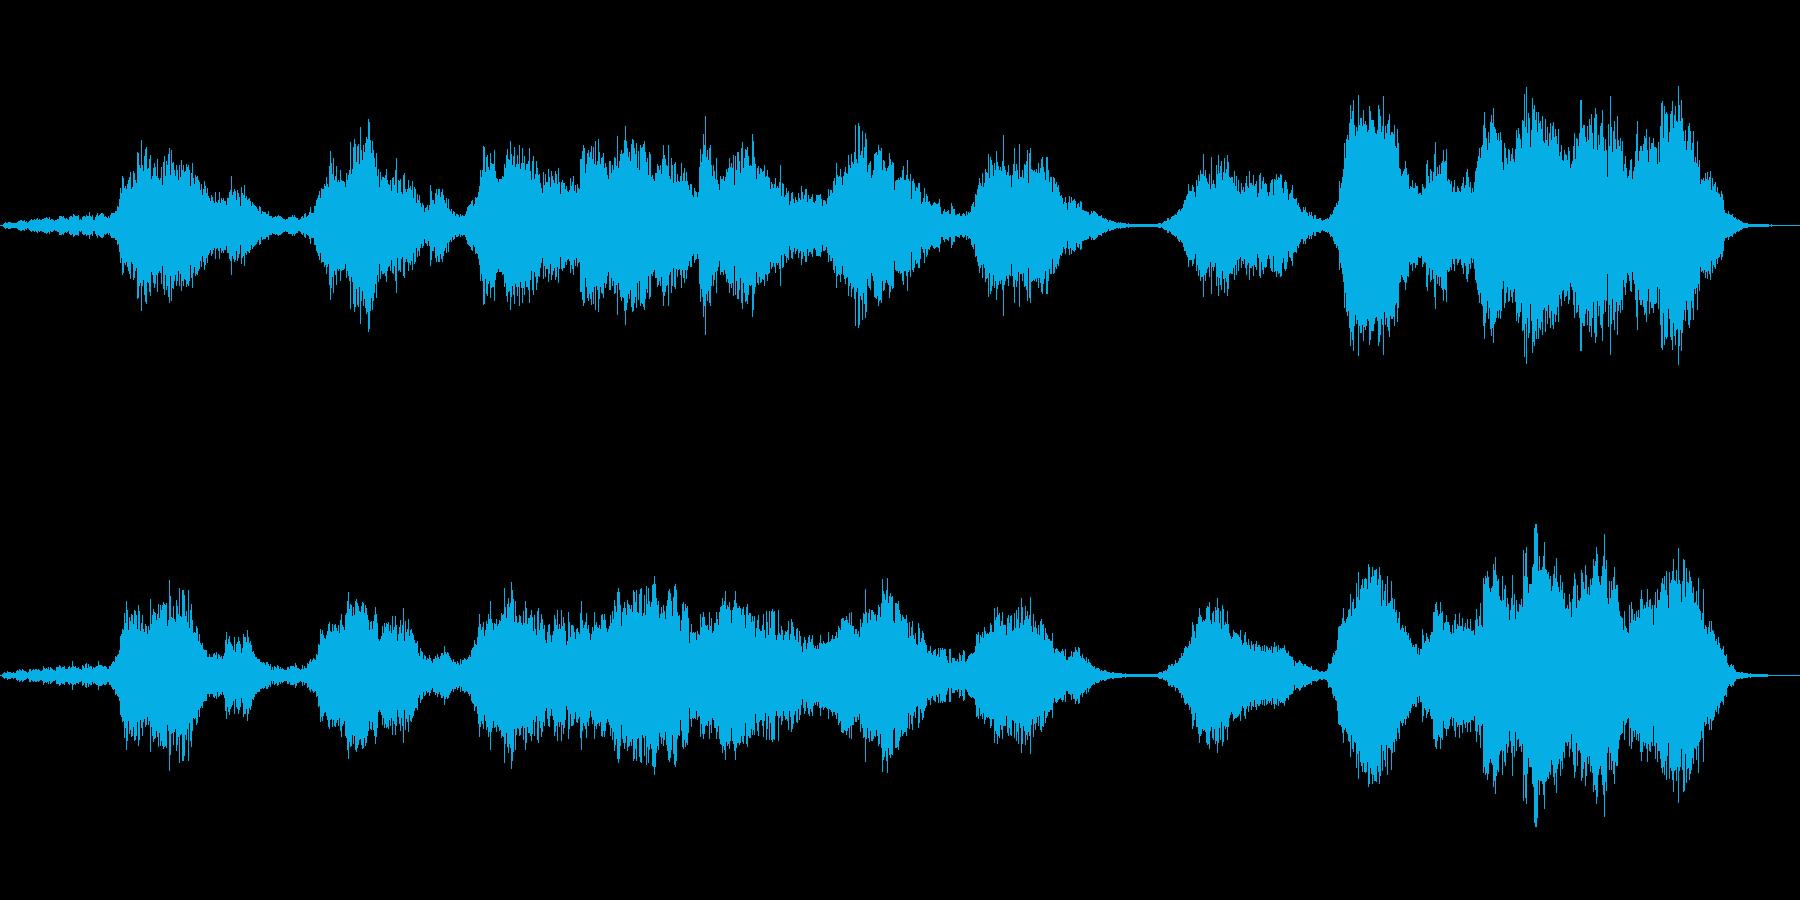 水をイメージしたシンセサイザー音楽の再生済みの波形